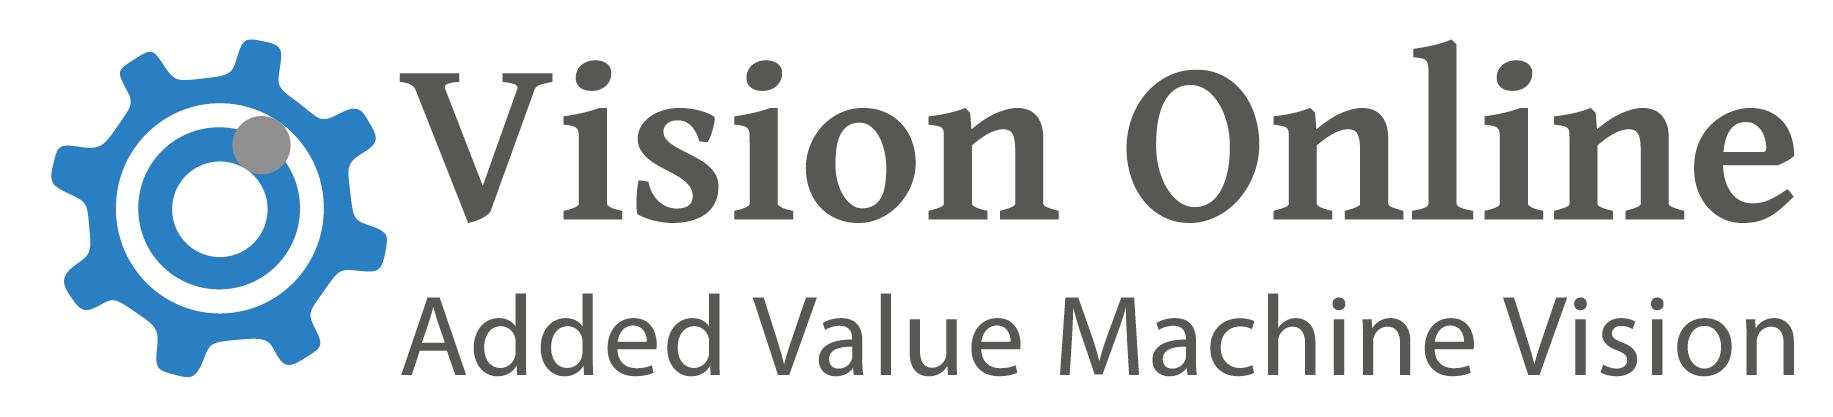 VisionOnline-Logo_2017_440pxX100px_RGB.png